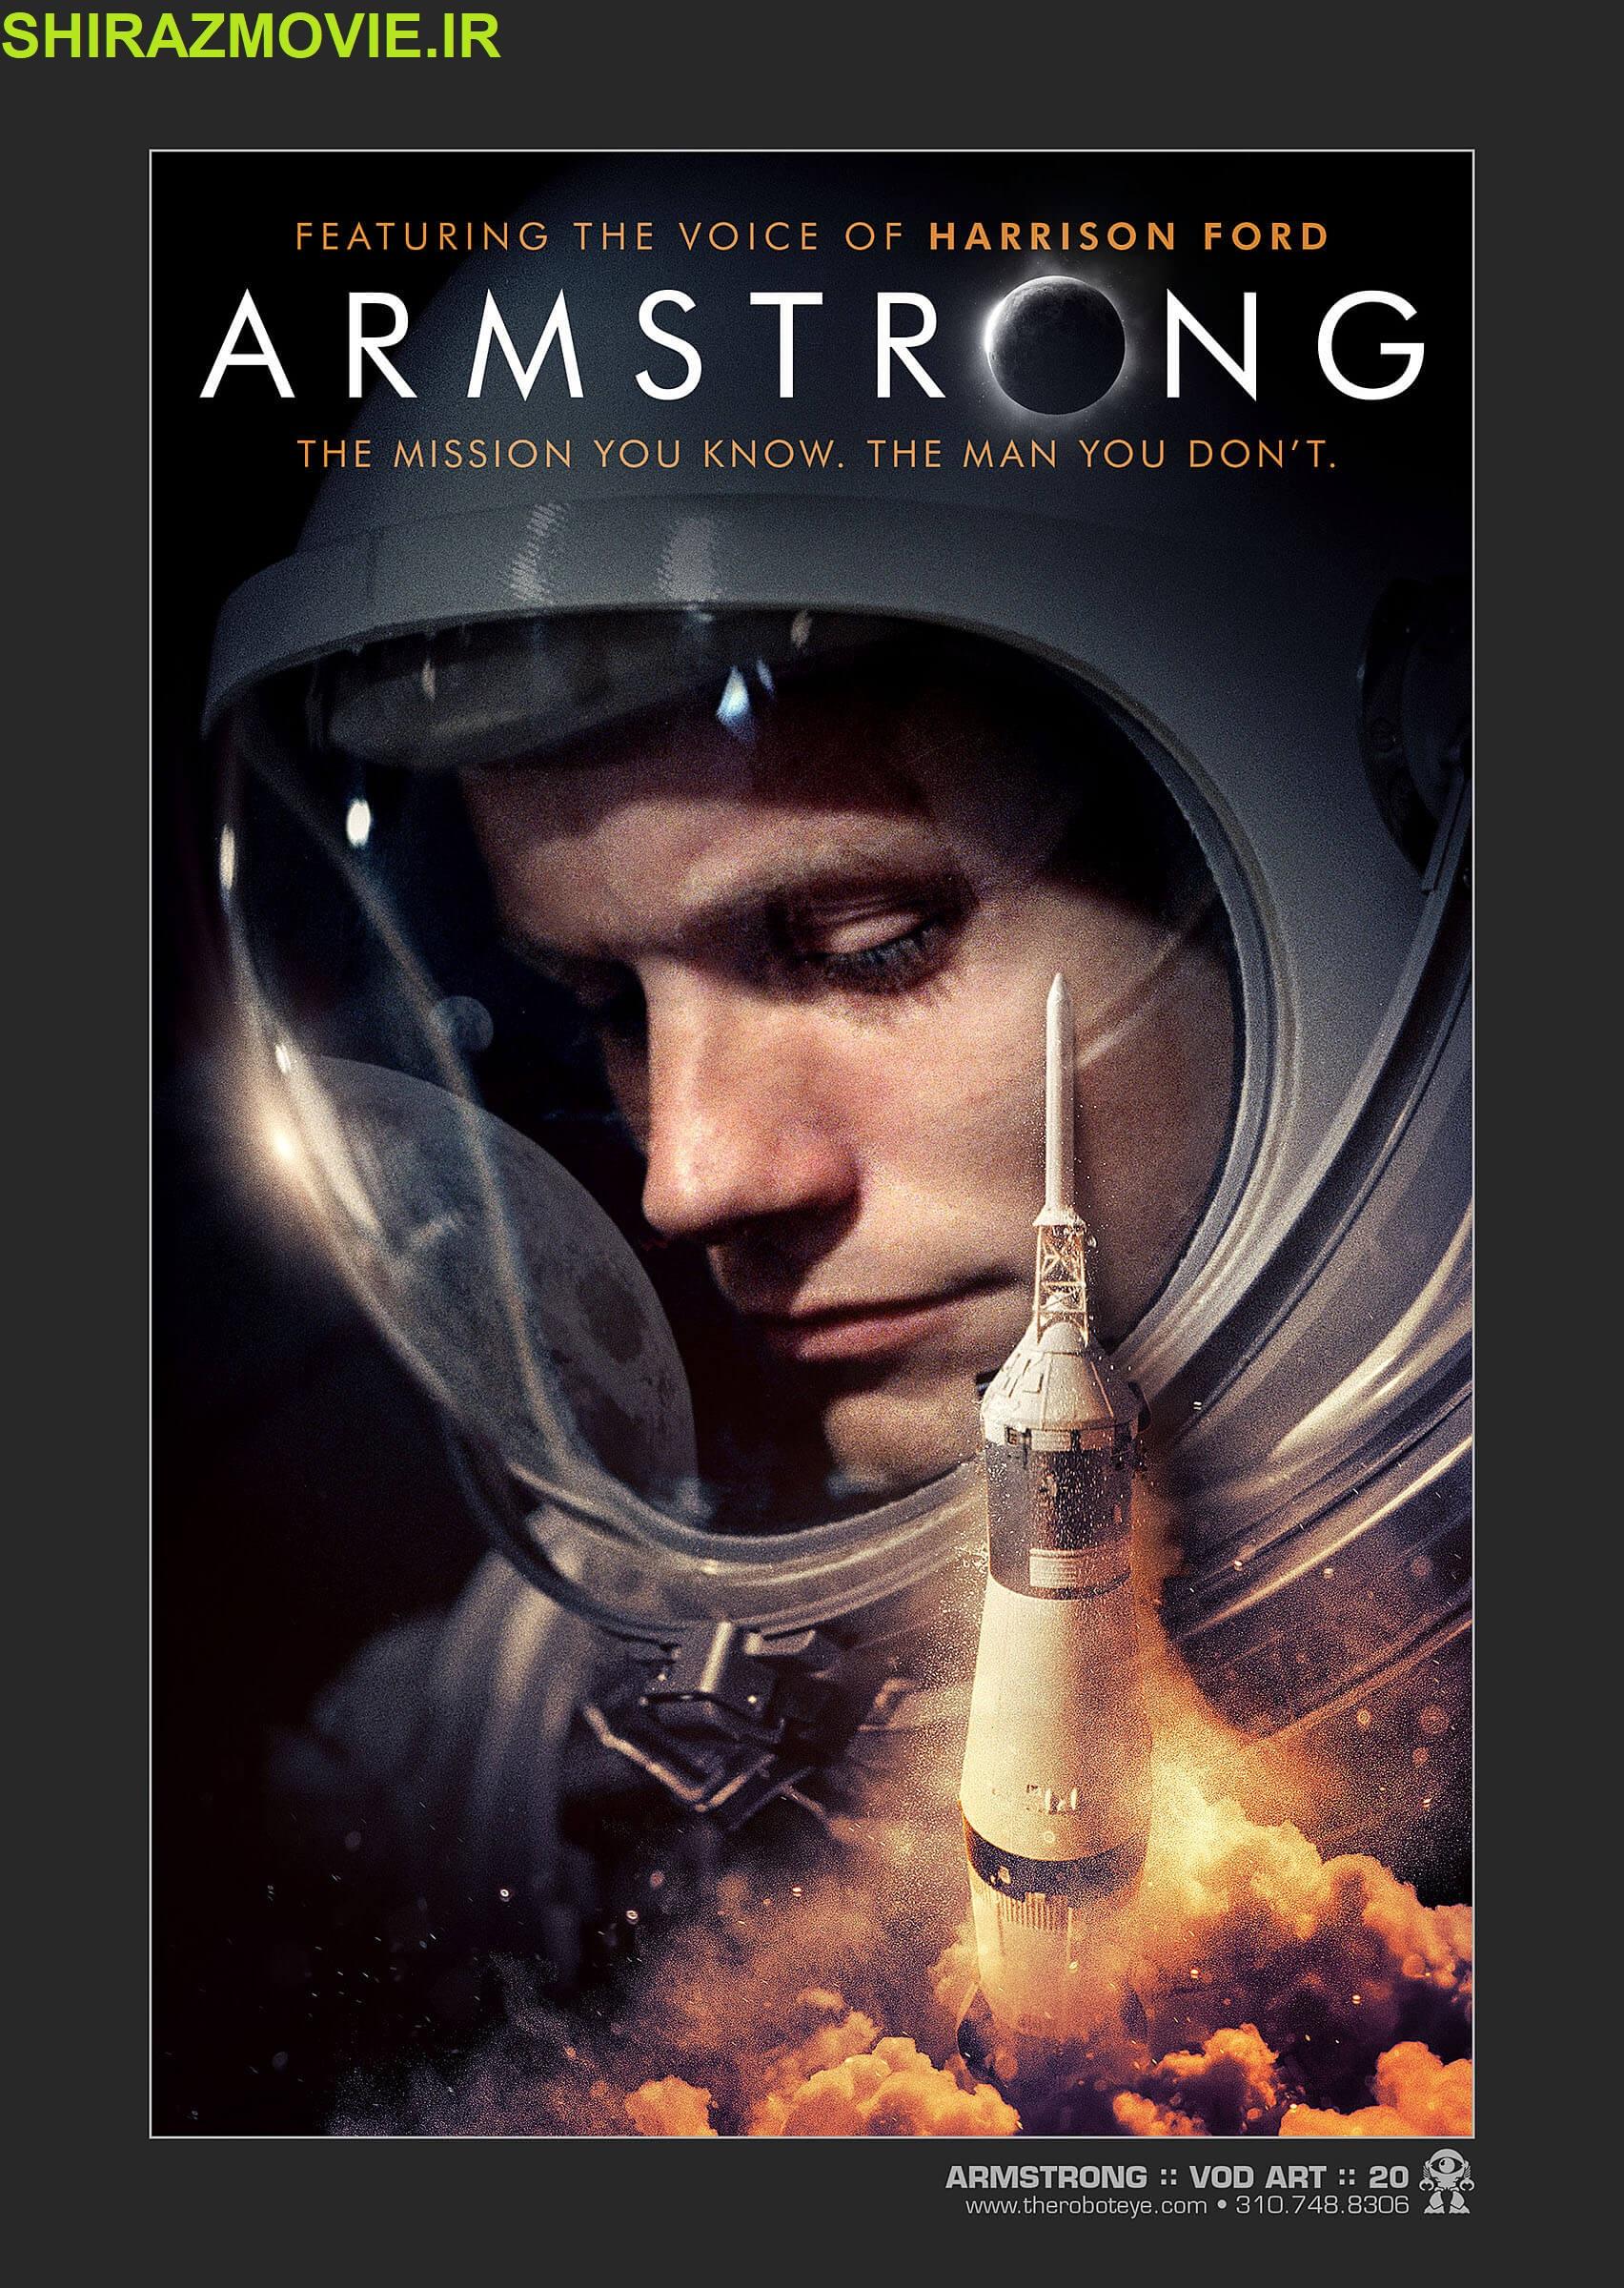 دانلود فیلم Armstrong 2019 آرمسترانگ با زیرنویس فارسی